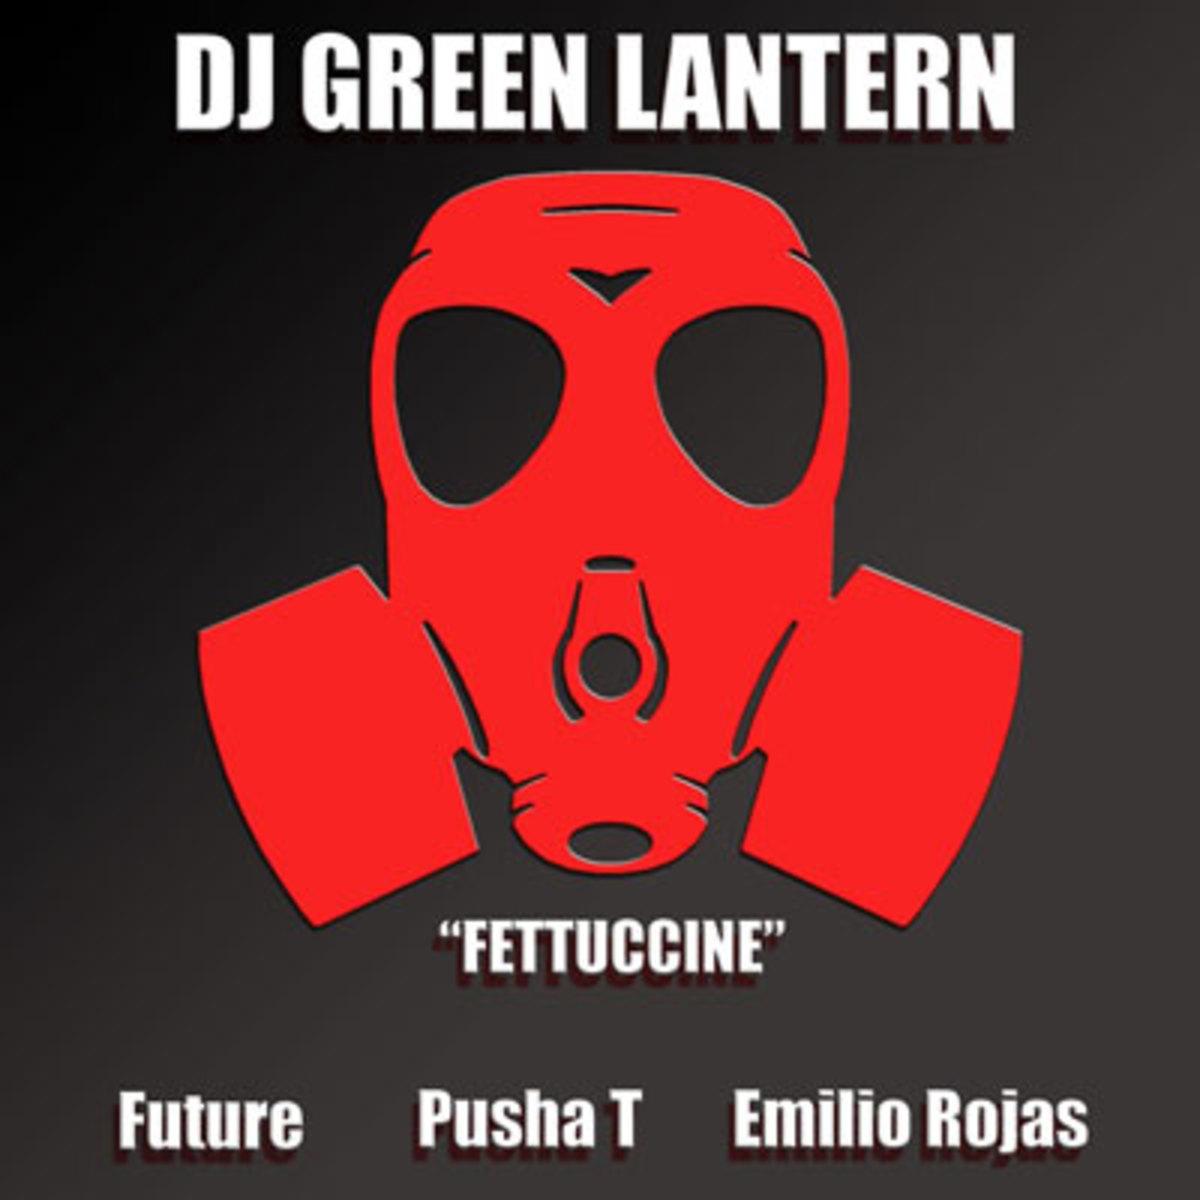 greenlantern-fettuccine.jpg